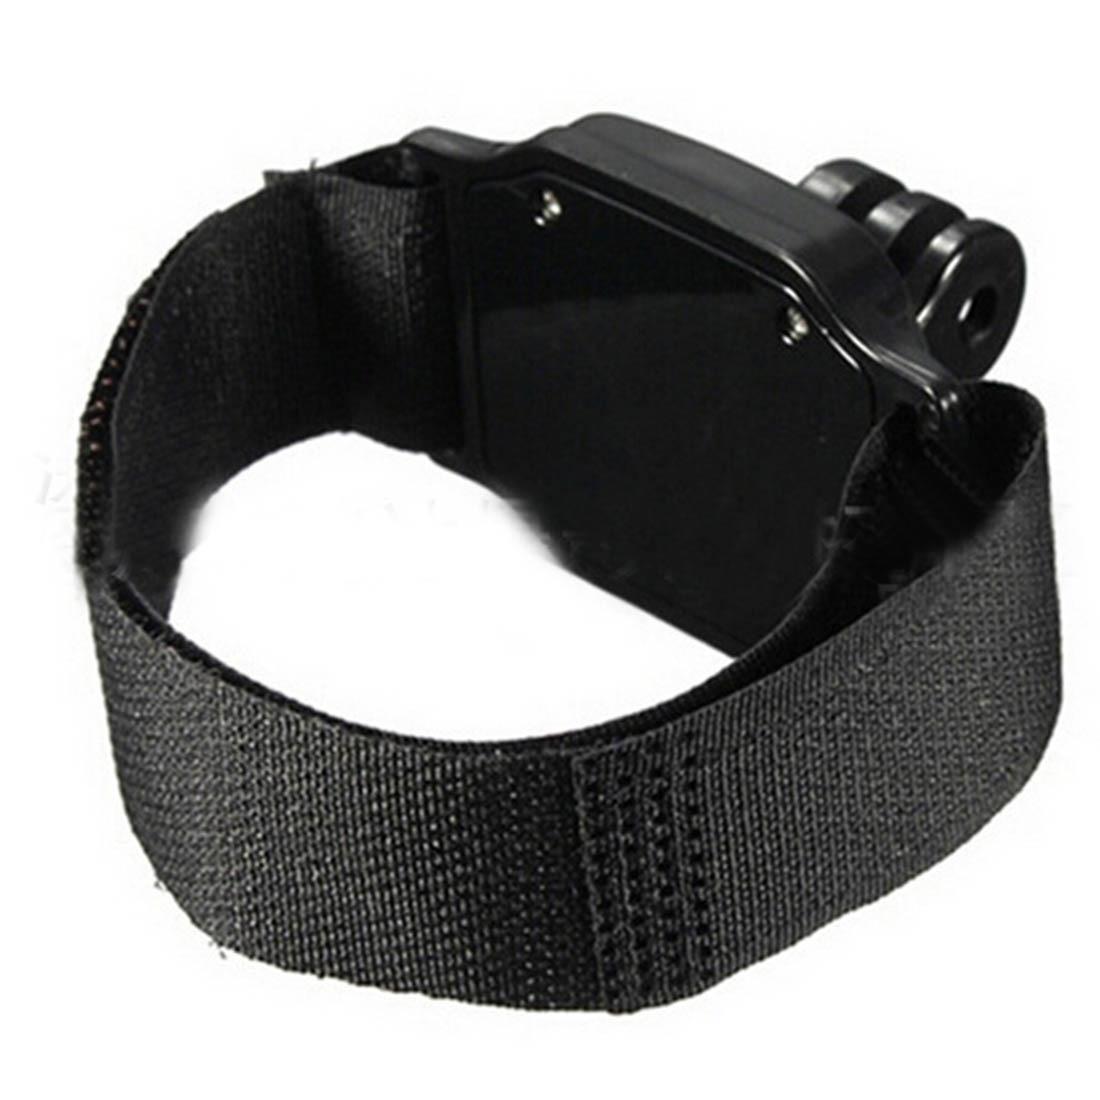 Centechia Glove Wrist Band 360 Degree Swivel Rotation Hand Strap Belt Tripod Mount For GoPro Hero 4/3+ For Go Pro SJCAM SJ4000